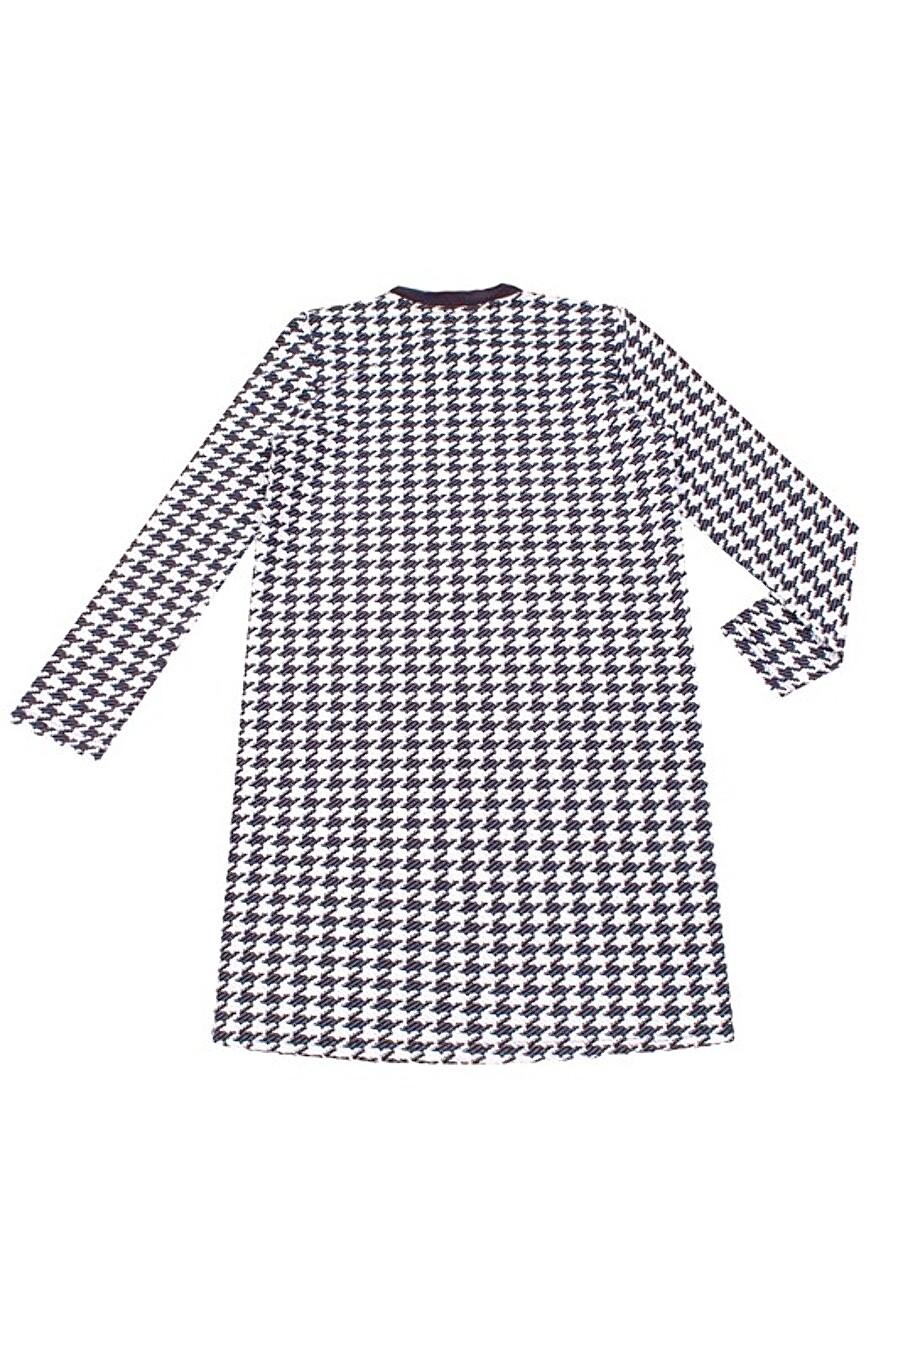 Платье для девочек Archi 158627 купить оптом от производителя. Совместная покупка детской одежды в OptMoyo